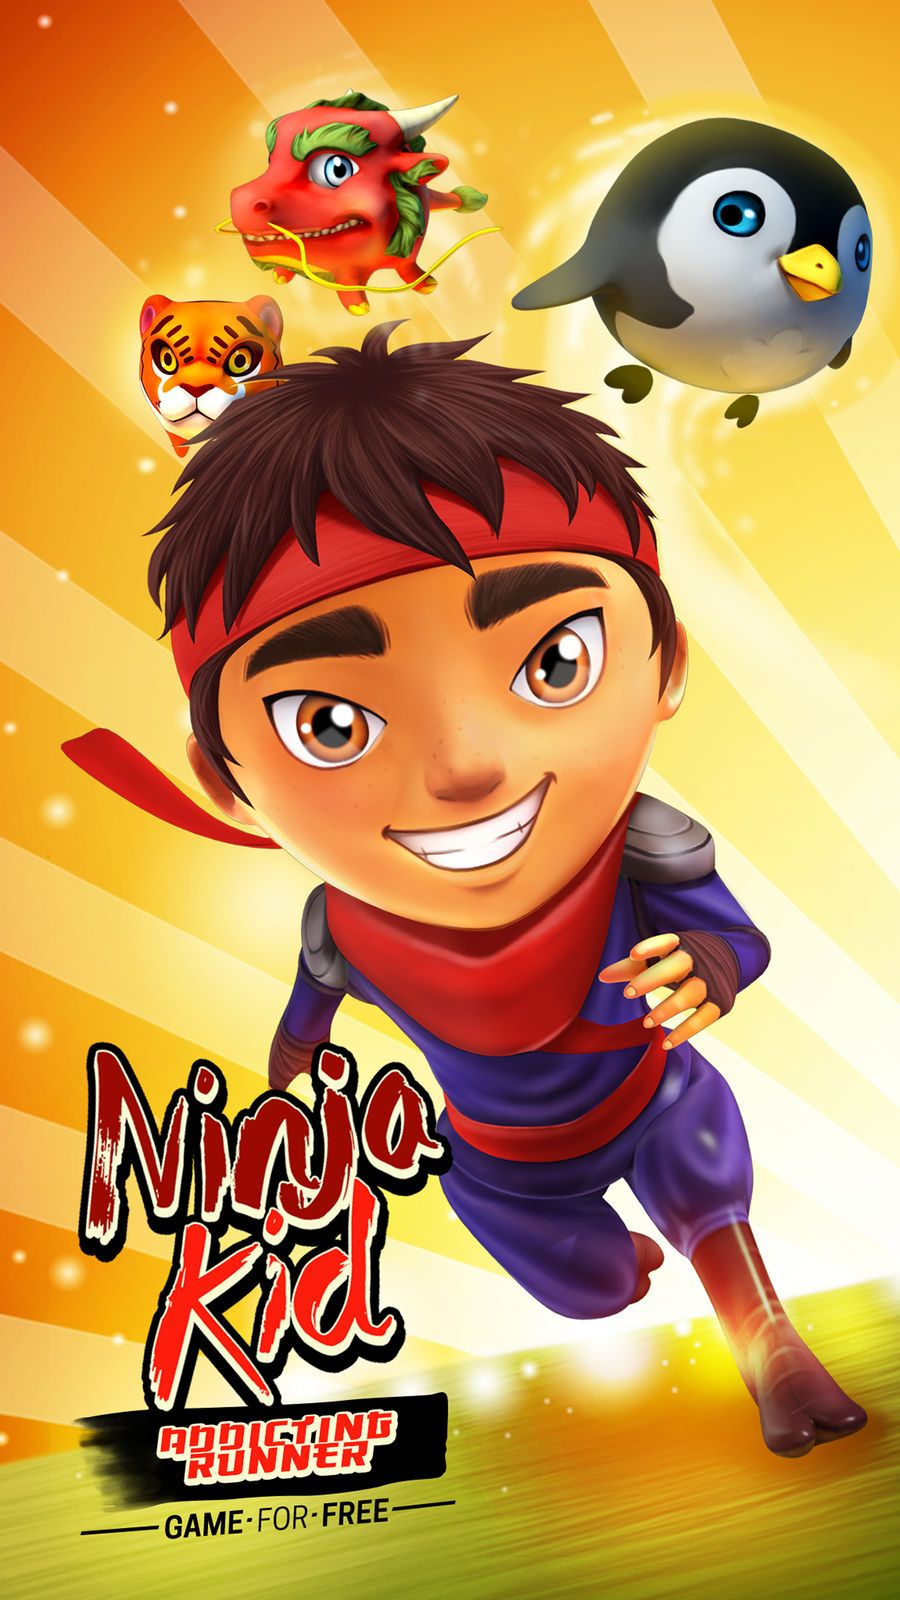 Ninja Kid Run VR Runner Game APP Kids running, Runner